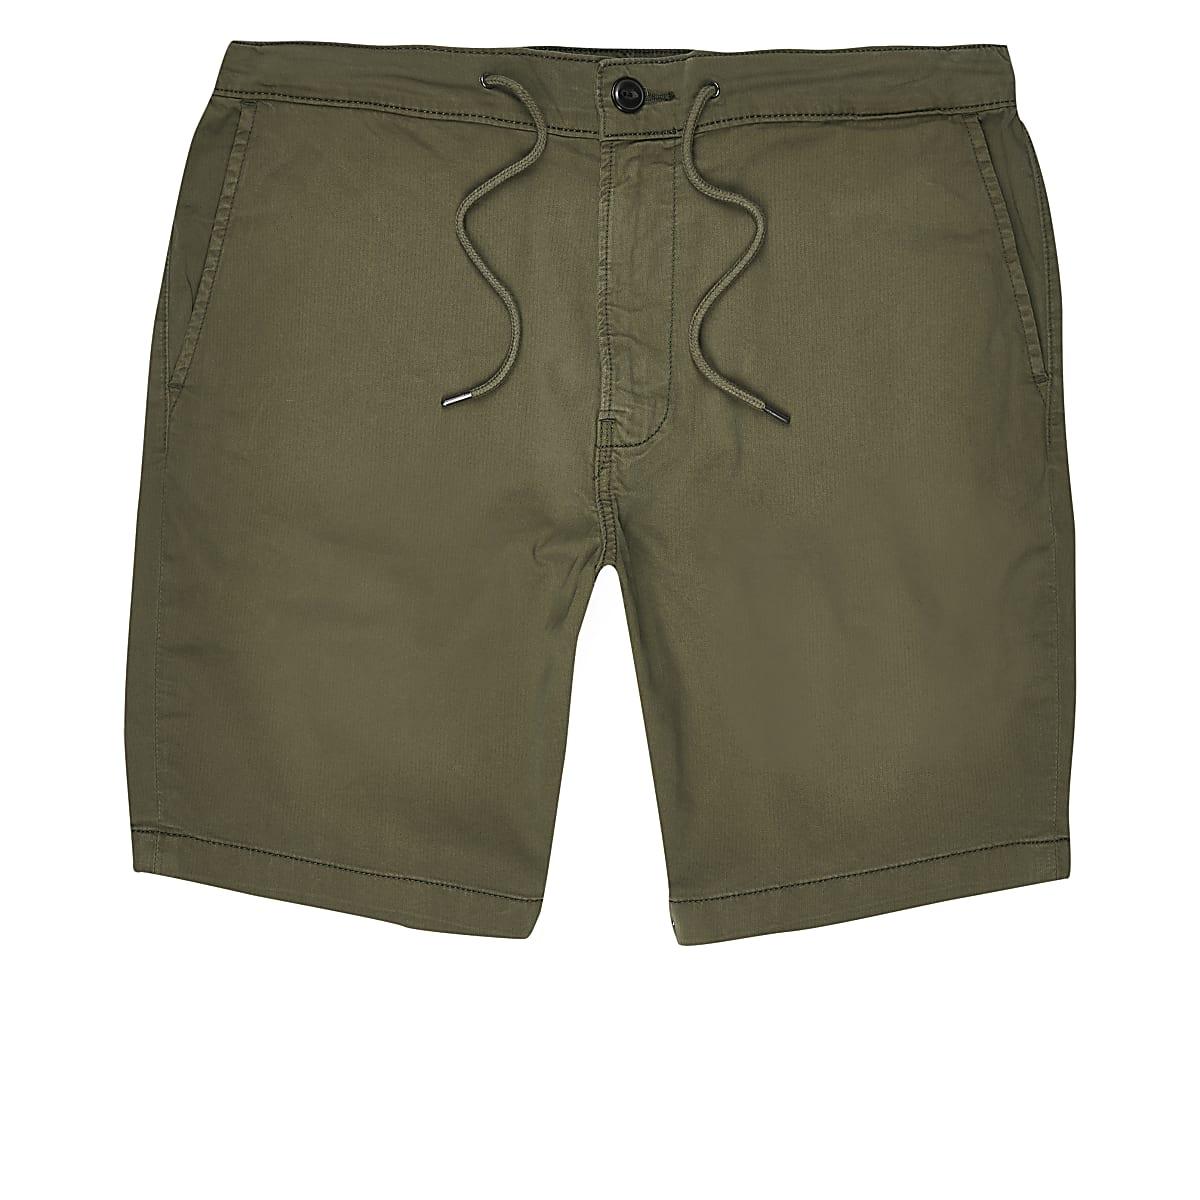 Lee khaki shorts